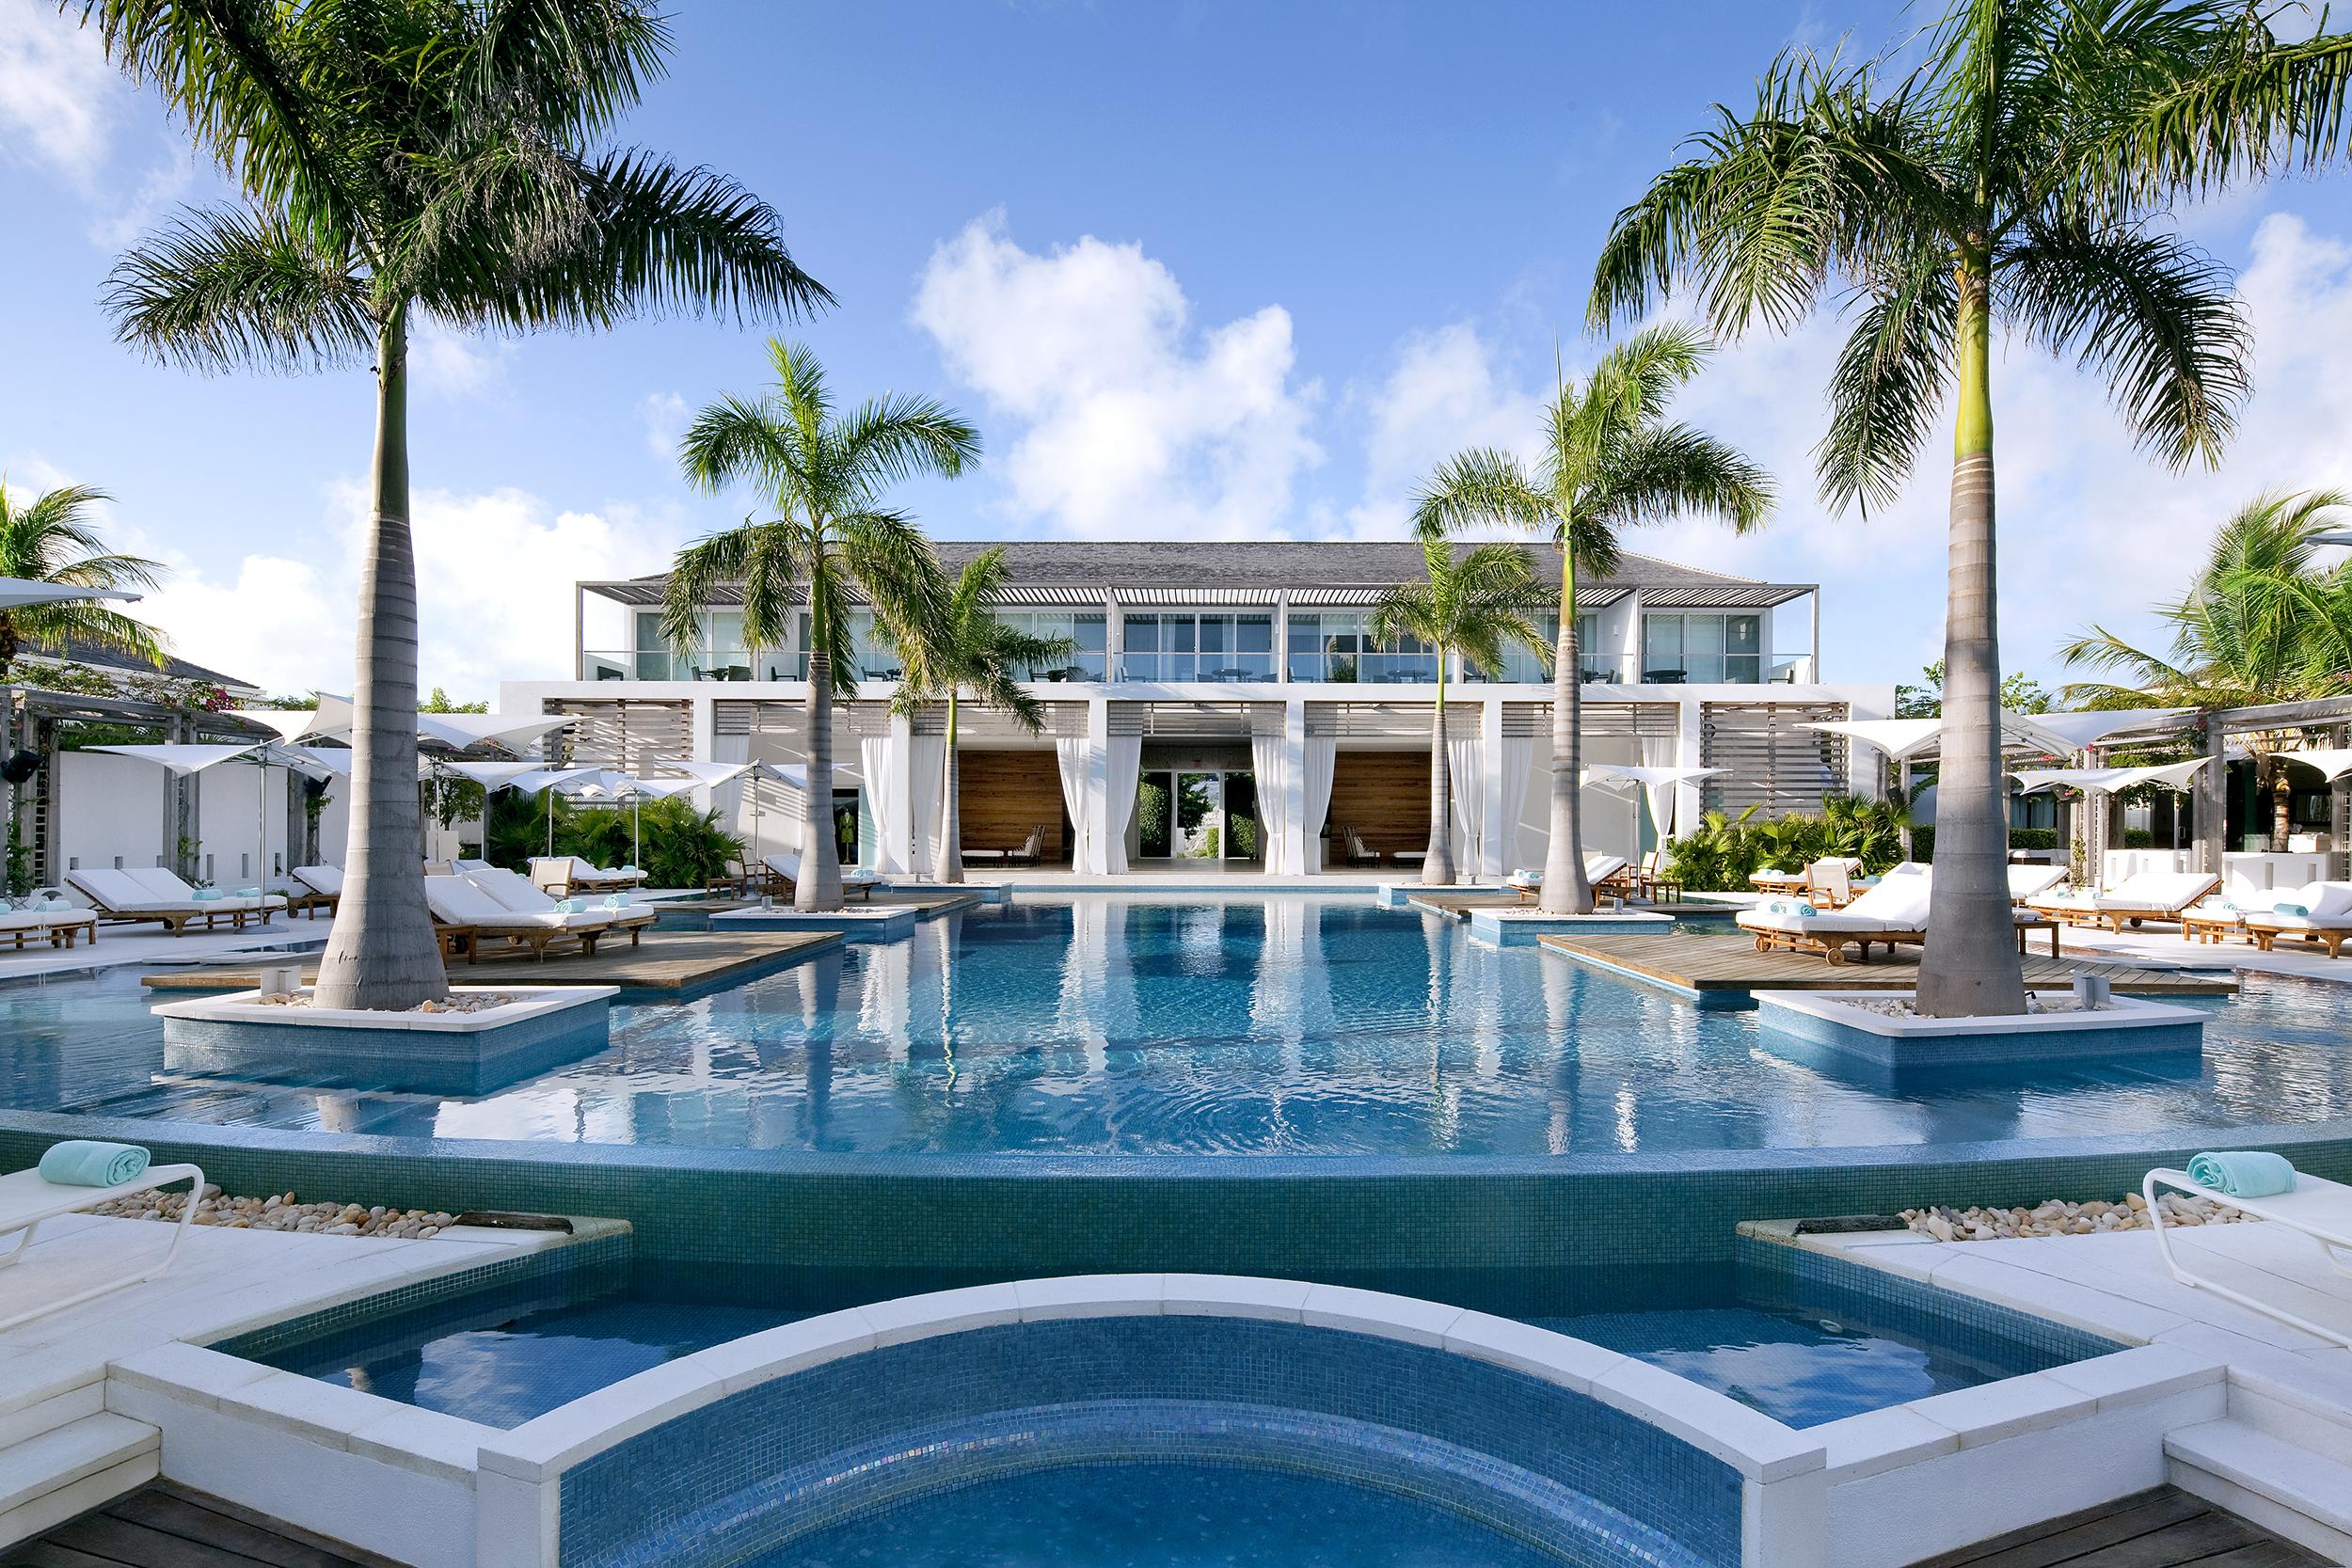 Gansevoort Turks & Caicos